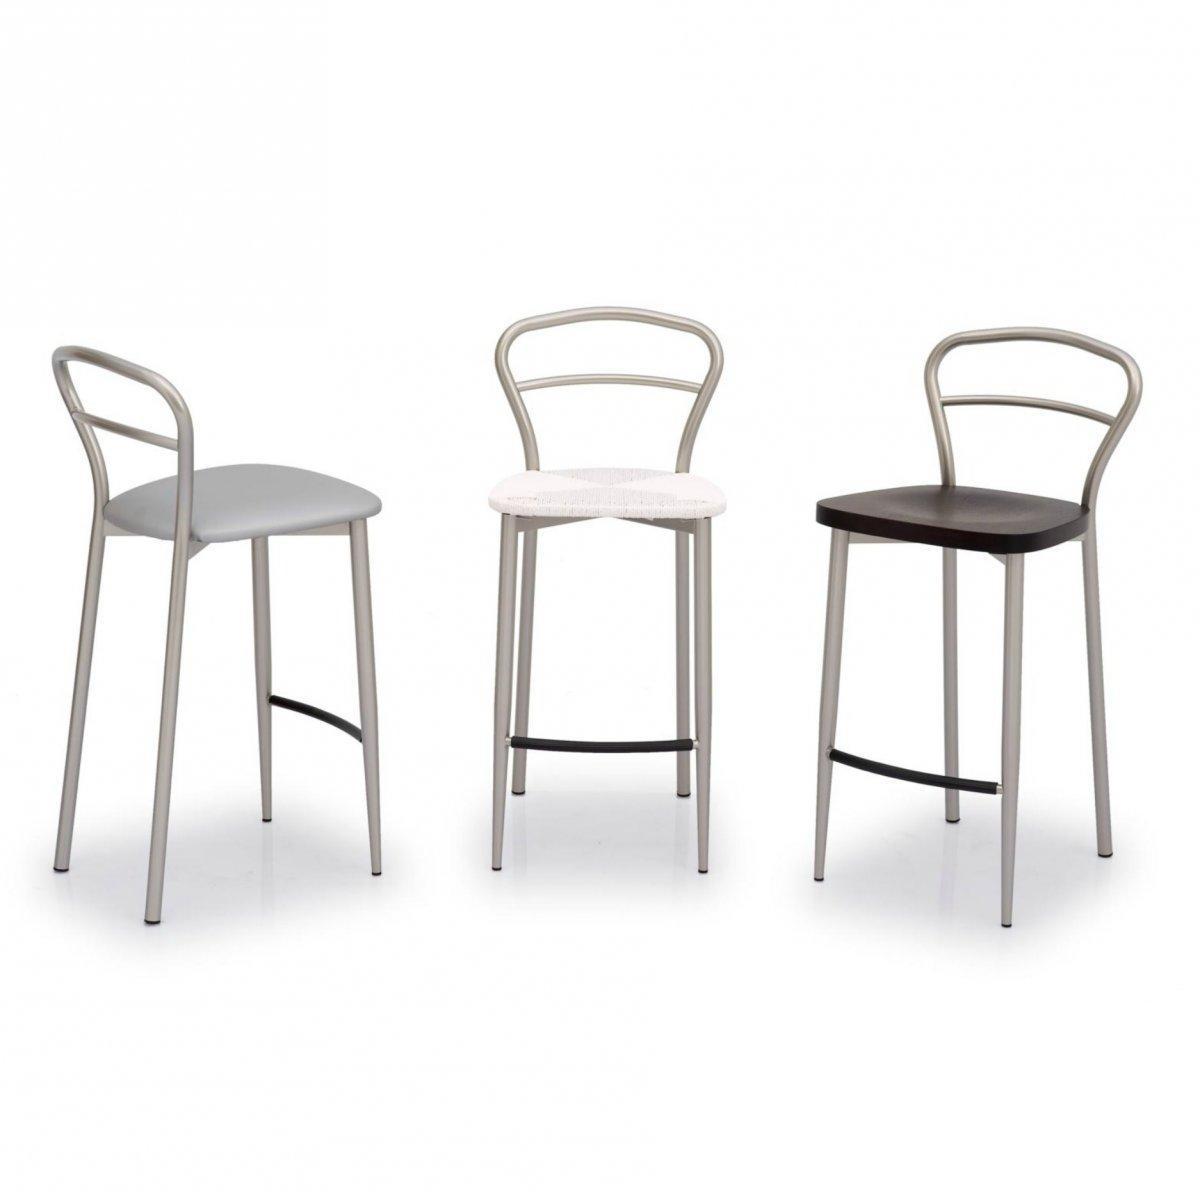 sedia calligaris diva scontato del 34 sedie a prezzi